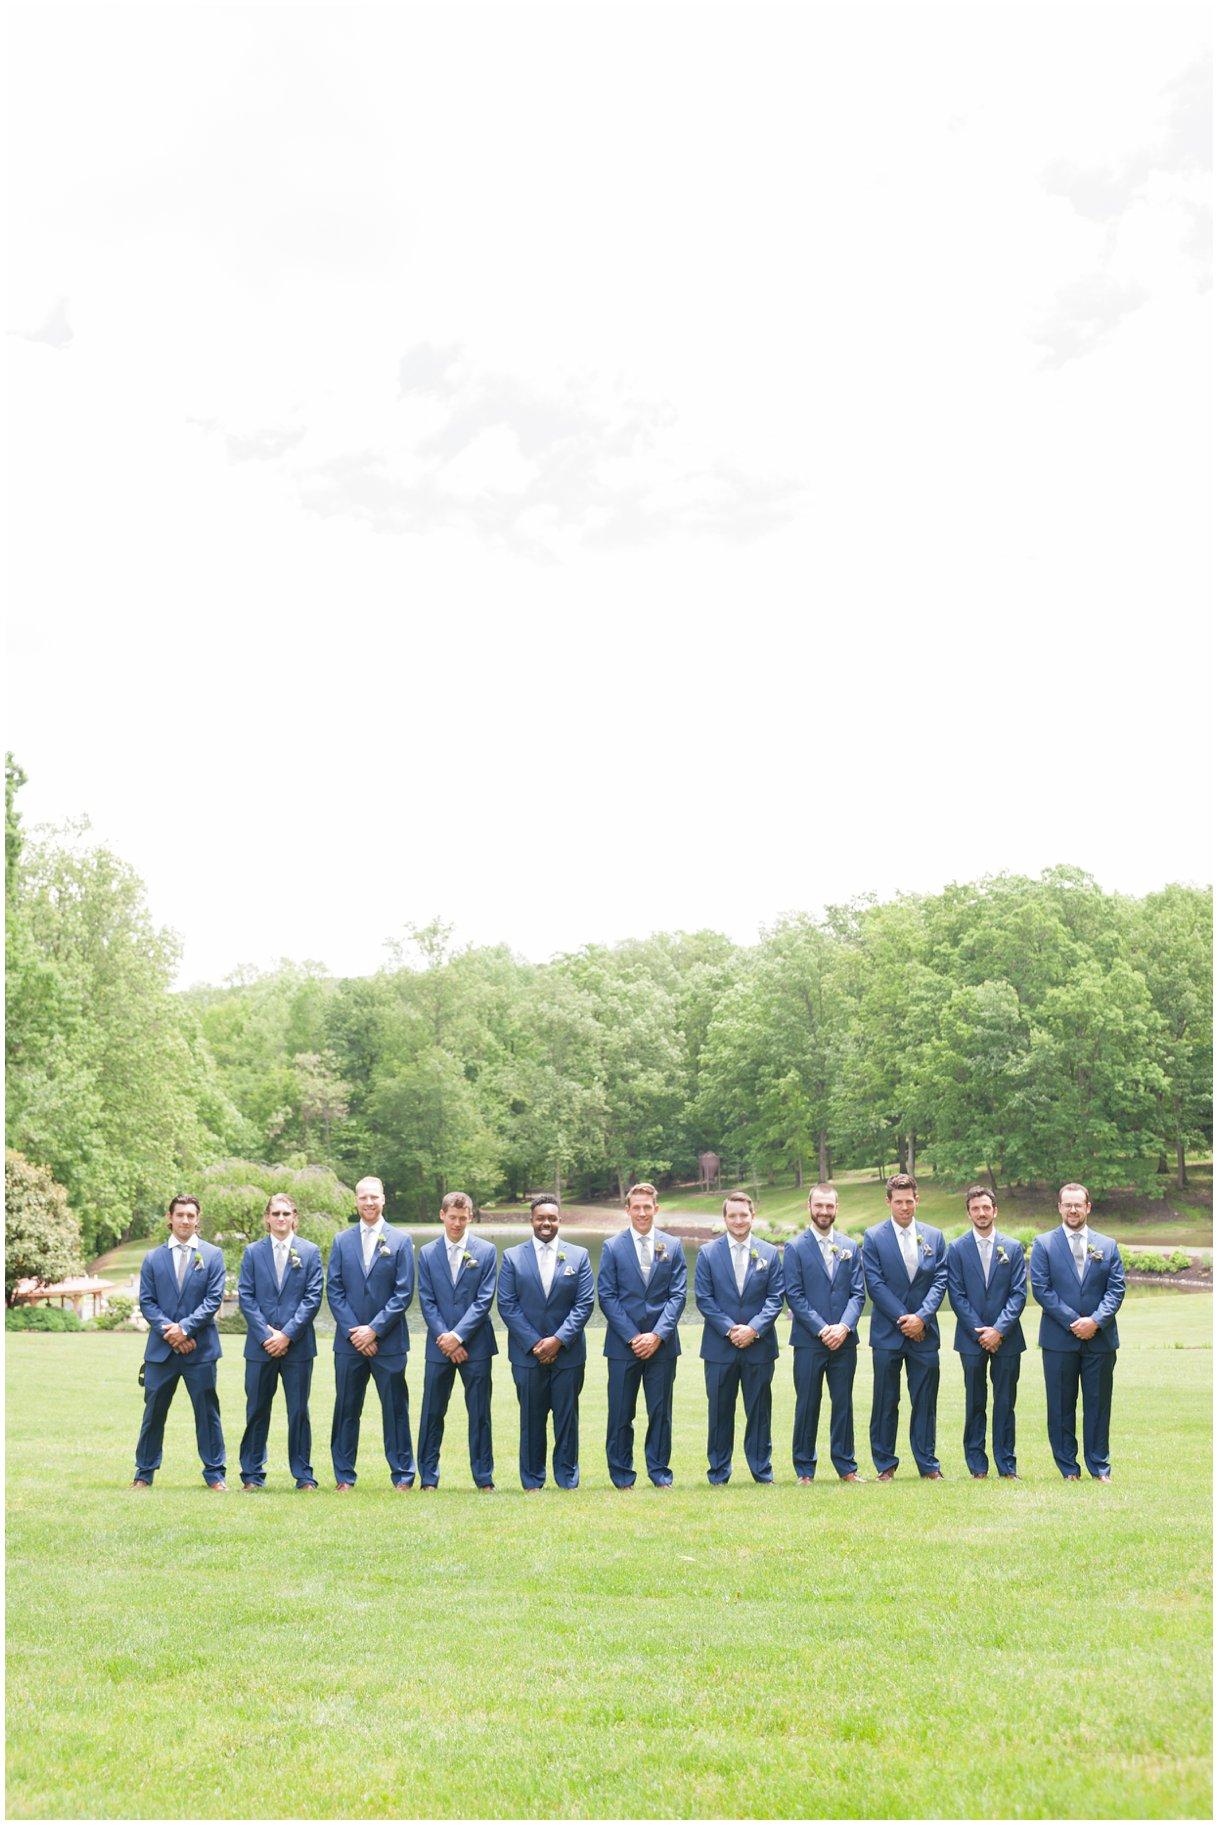 leolainn-lancasterwedding-photographer-photography-outdoor-wedding-large-bridalparty-photo